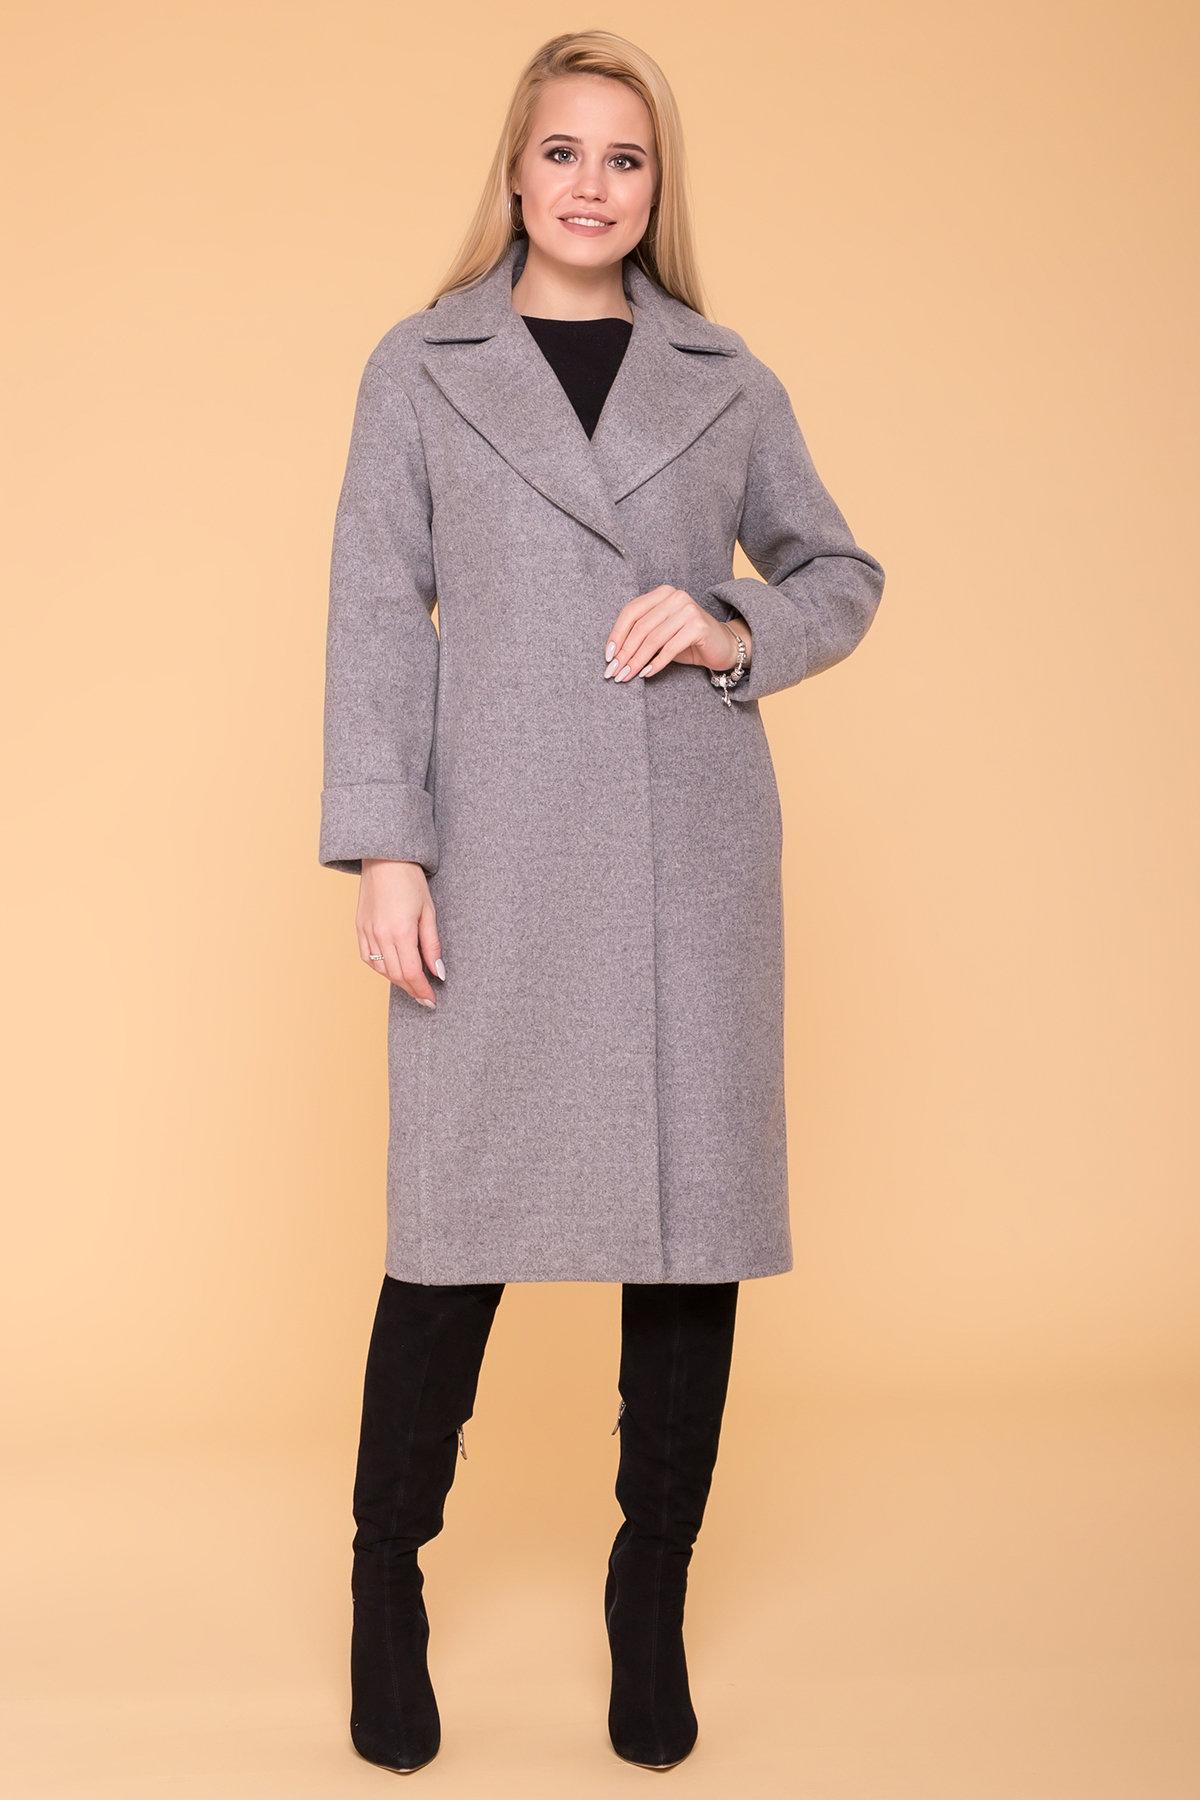 Демисезонное пальто Месси 6226 АРТ. 41053 Цвет: Серый Светлый 1 - фото 4, интернет магазин tm-modus.ru